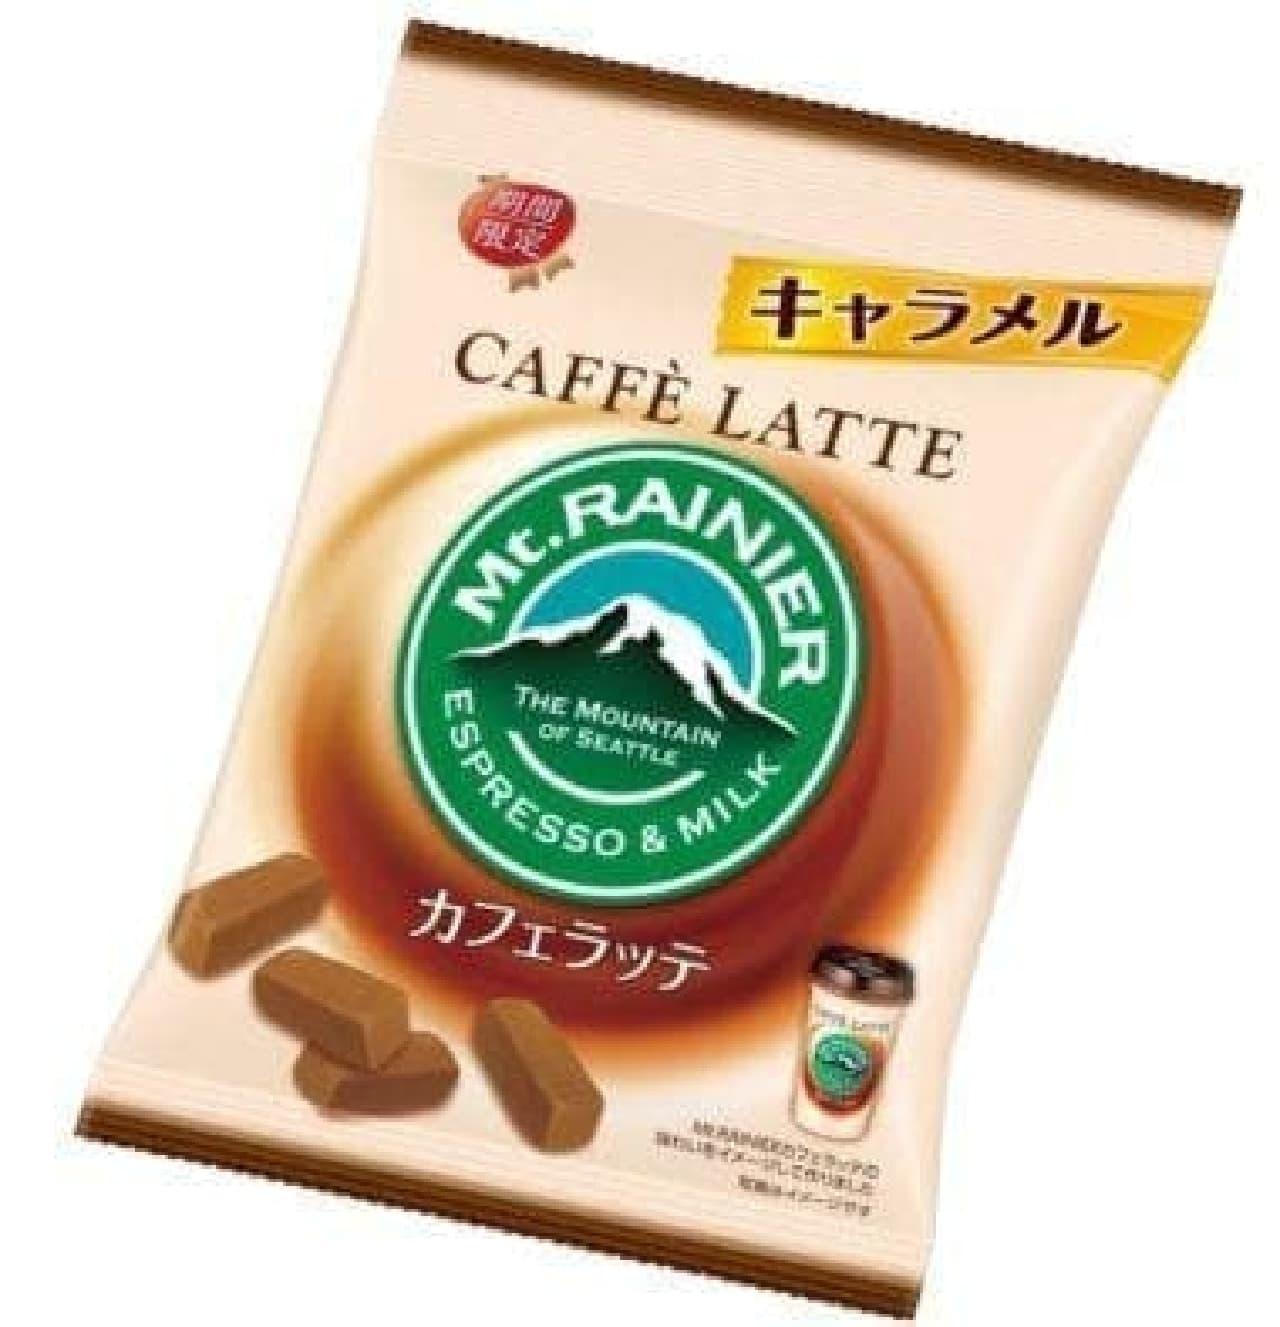 森永製菓「マウントレーニアキャラメル<カフェラッテ>」